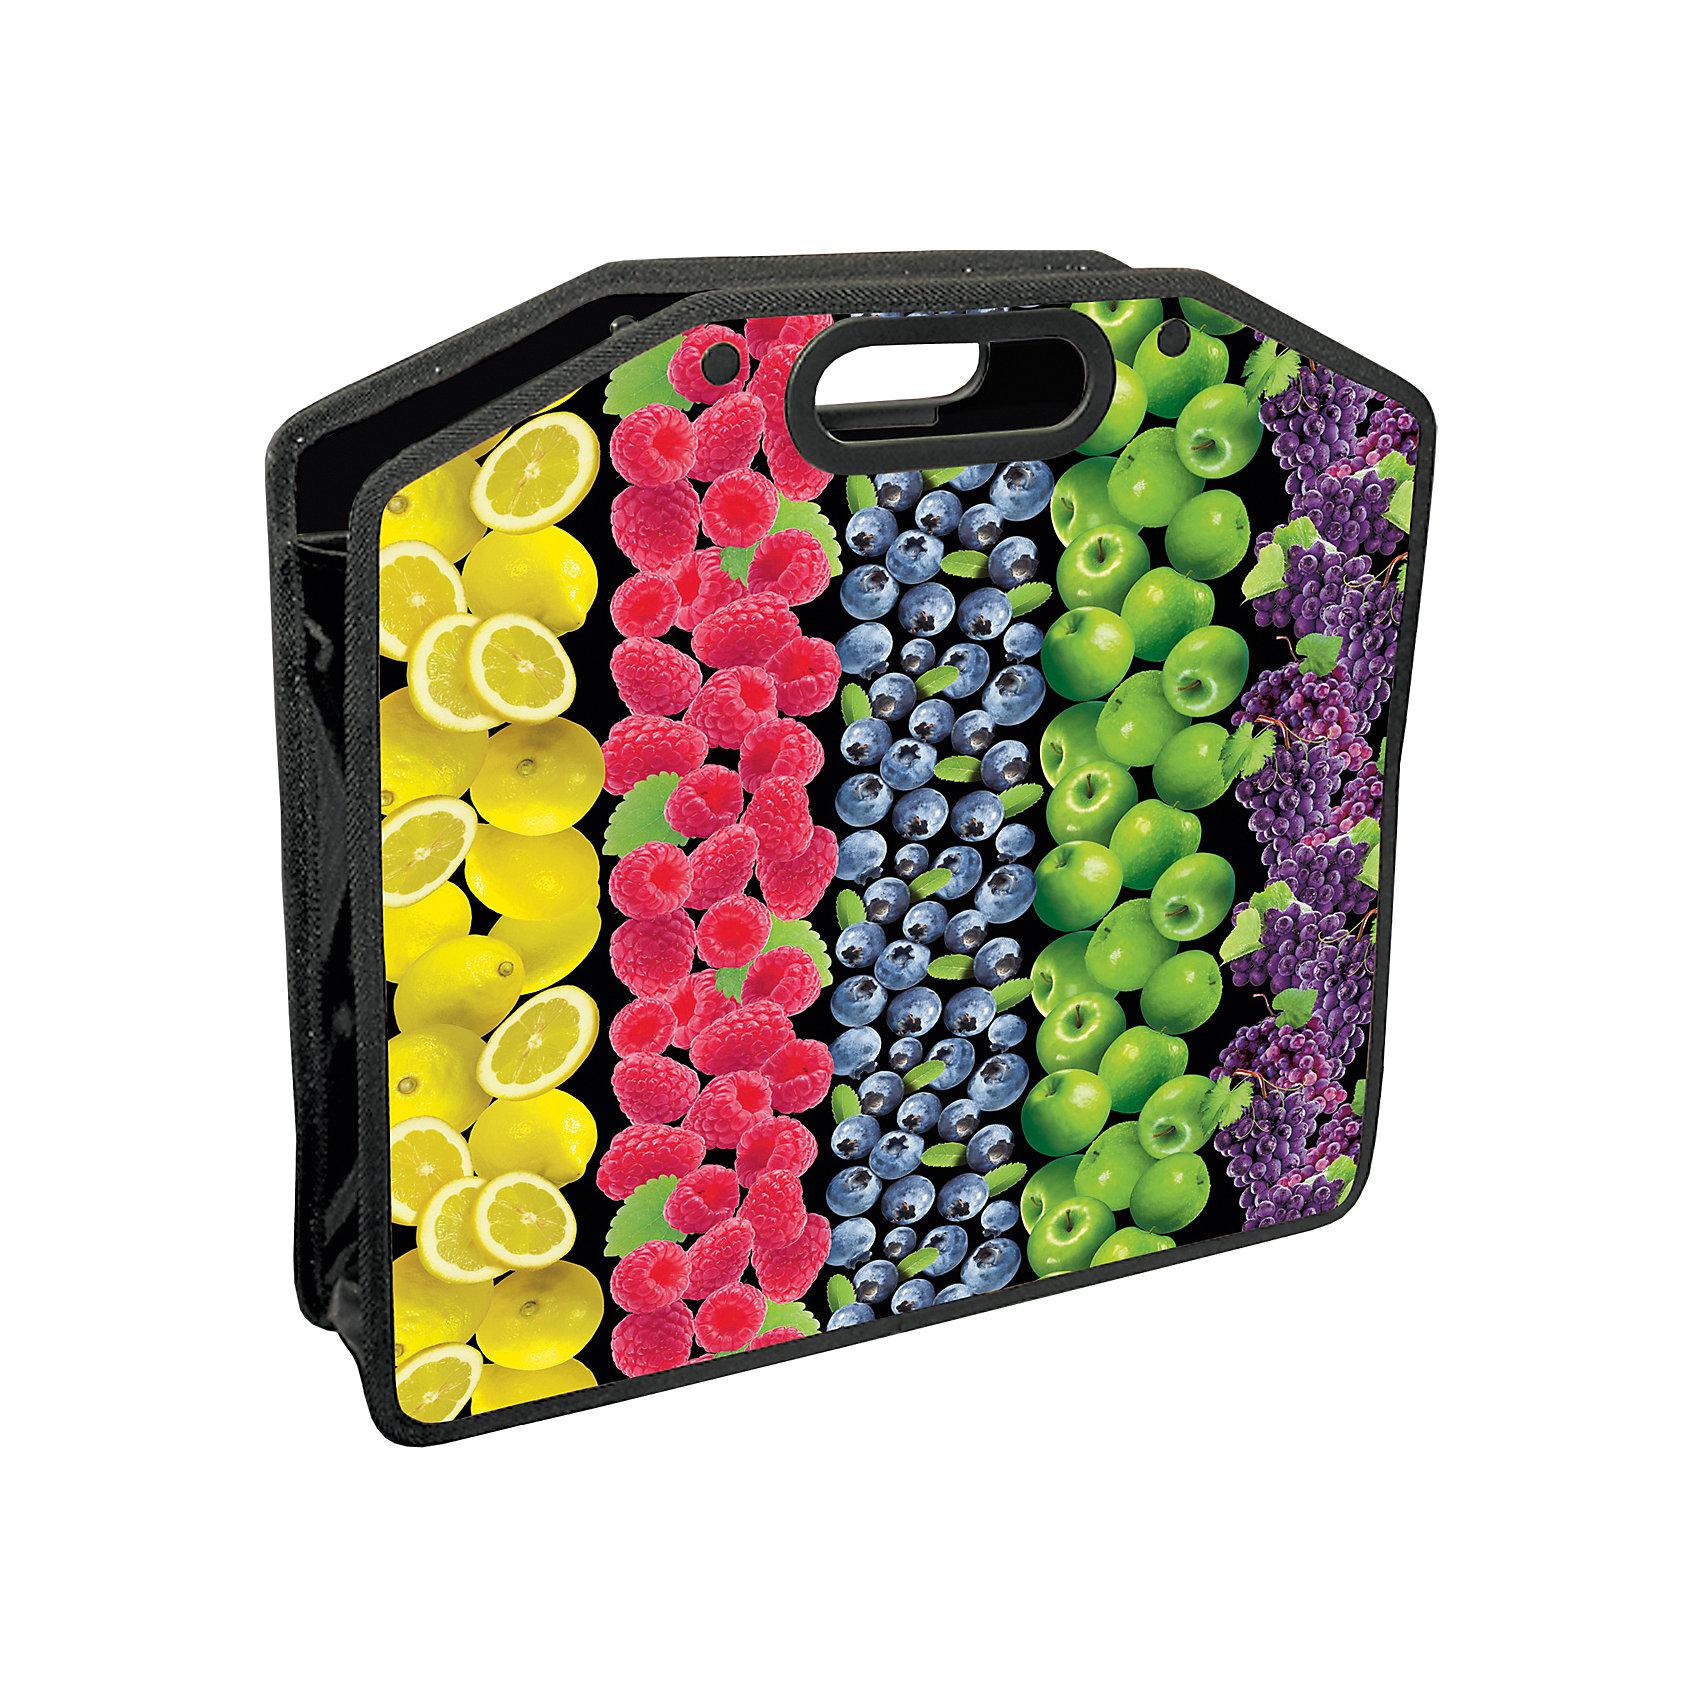 Папка-сумка Фрукты, А4Папки для дополнительных занятий<br>Винтажная  пластиковая папка- сумка с изображением  фруктов и ягод .<br> Прекрасный сюрприз для ребенка к 1 сентября!<br><br>Дополнительная информация: <br><br>- 1 отделение.<br>- Застегивается на молнию.<br>- Материал - полипропилен.<br>- Толщина материала - 50 микрон.<br>- Размер (ВхШхГ) - 37?10?30 см<br>- Размер упаковки: 34х41х0,5 см.<br>- Вес в упаковке: 188 г.<br><br>Папку-сумку Фрукты можно купить в нашем магазине.<br><br>Ширина мм: 340<br>Глубина мм: 410<br>Высота мм: 5<br>Вес г: 188<br>Возраст от месяцев: 72<br>Возраст до месяцев: 144<br>Пол: Унисекс<br>Возраст: Детский<br>SKU: 4792766